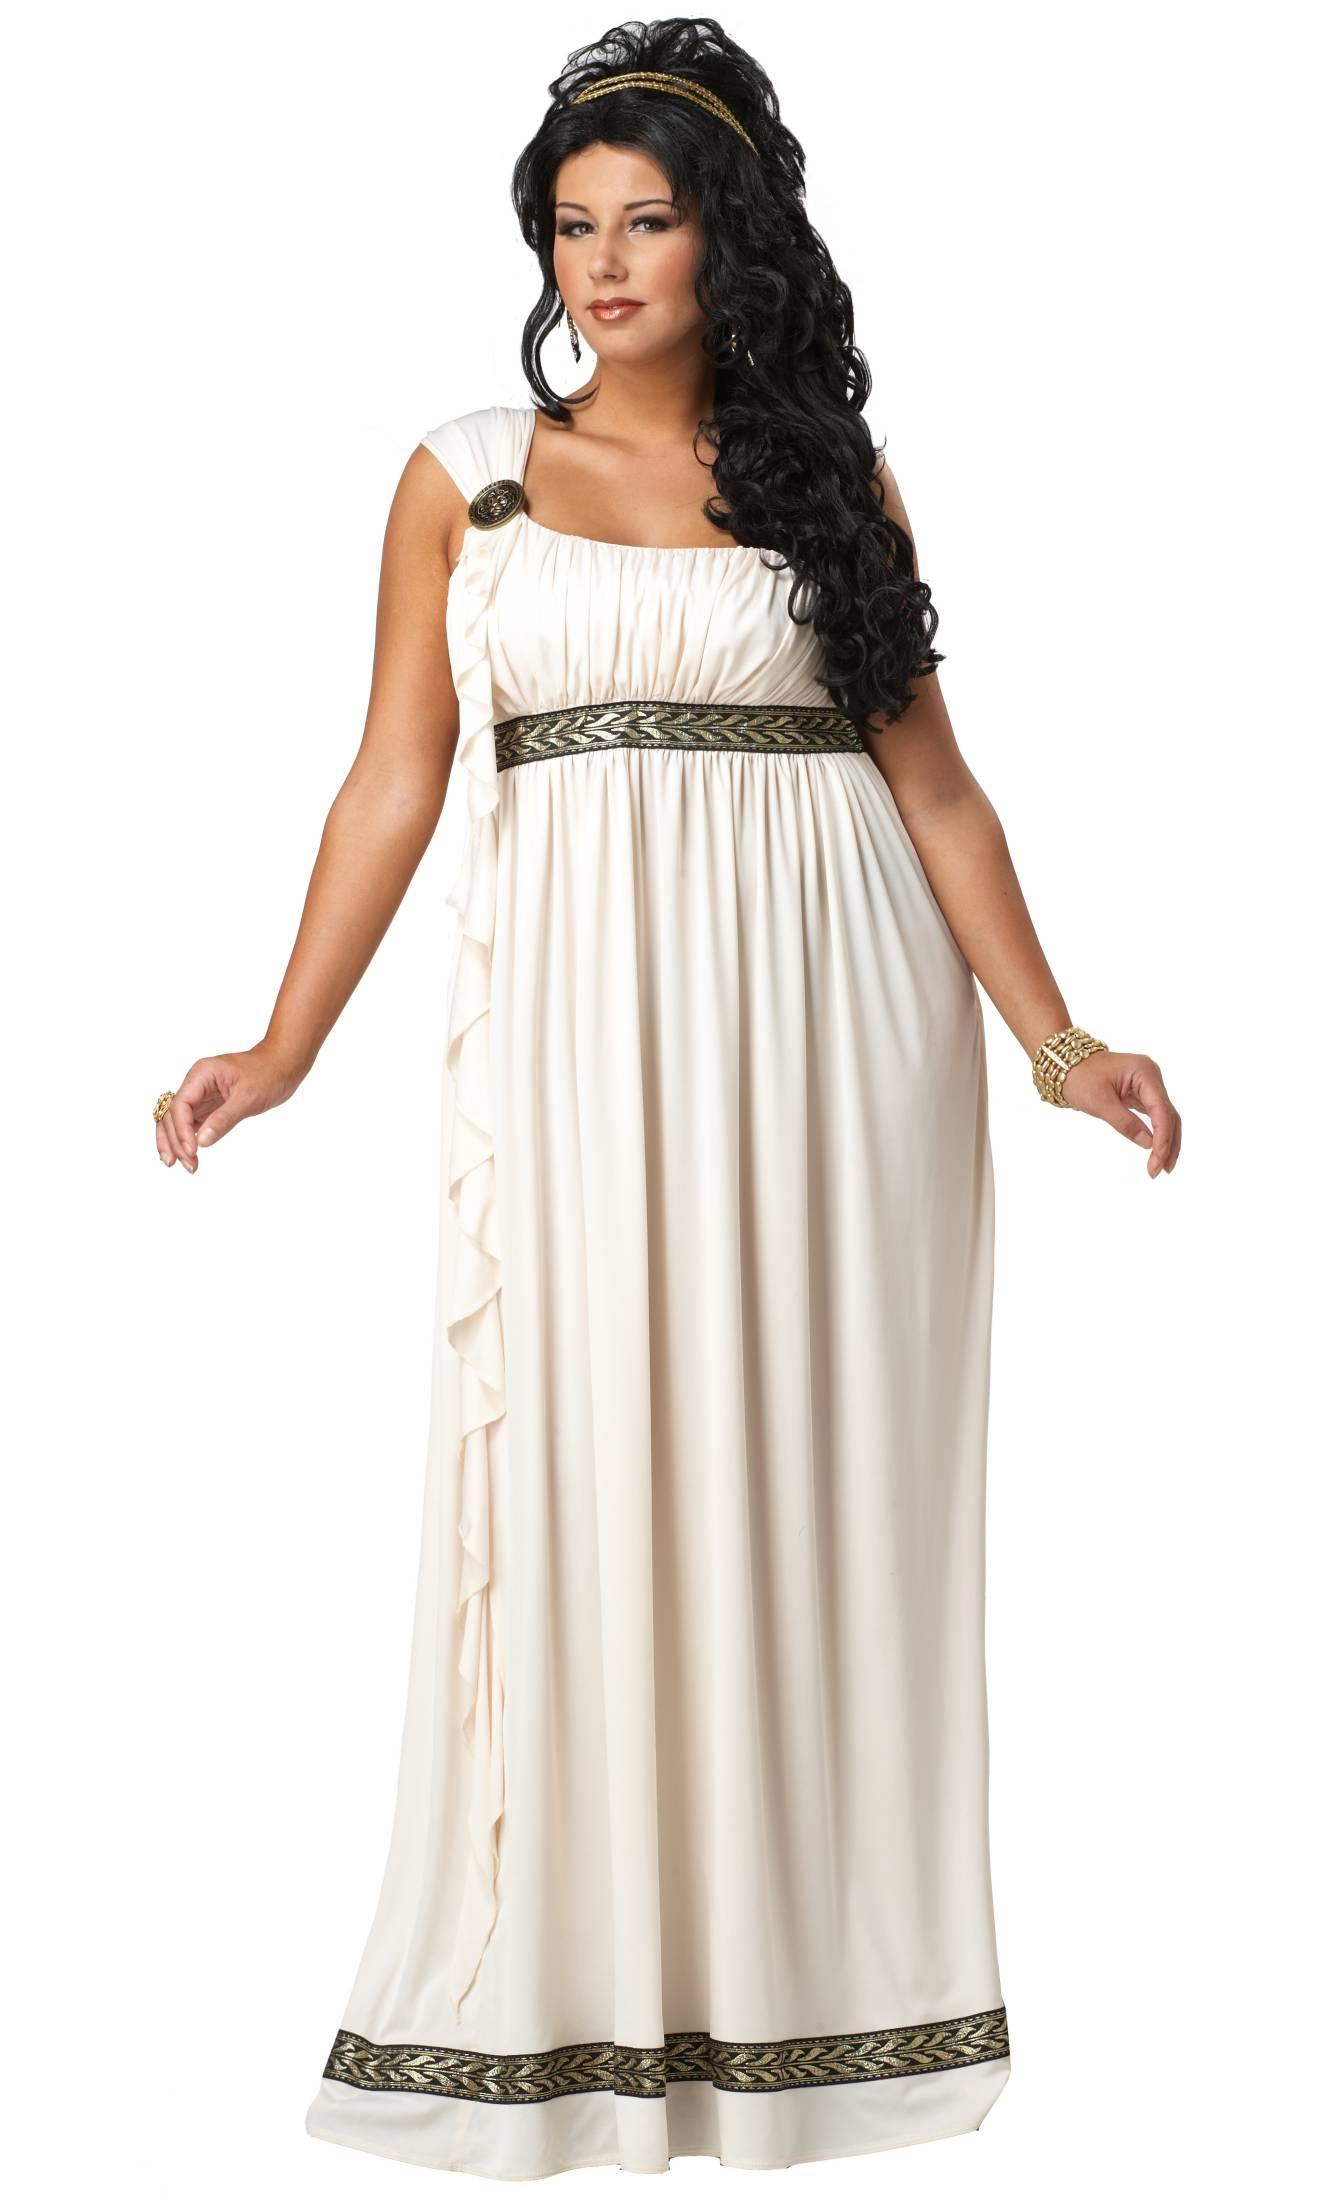 Costume-Romaine-grande-taille